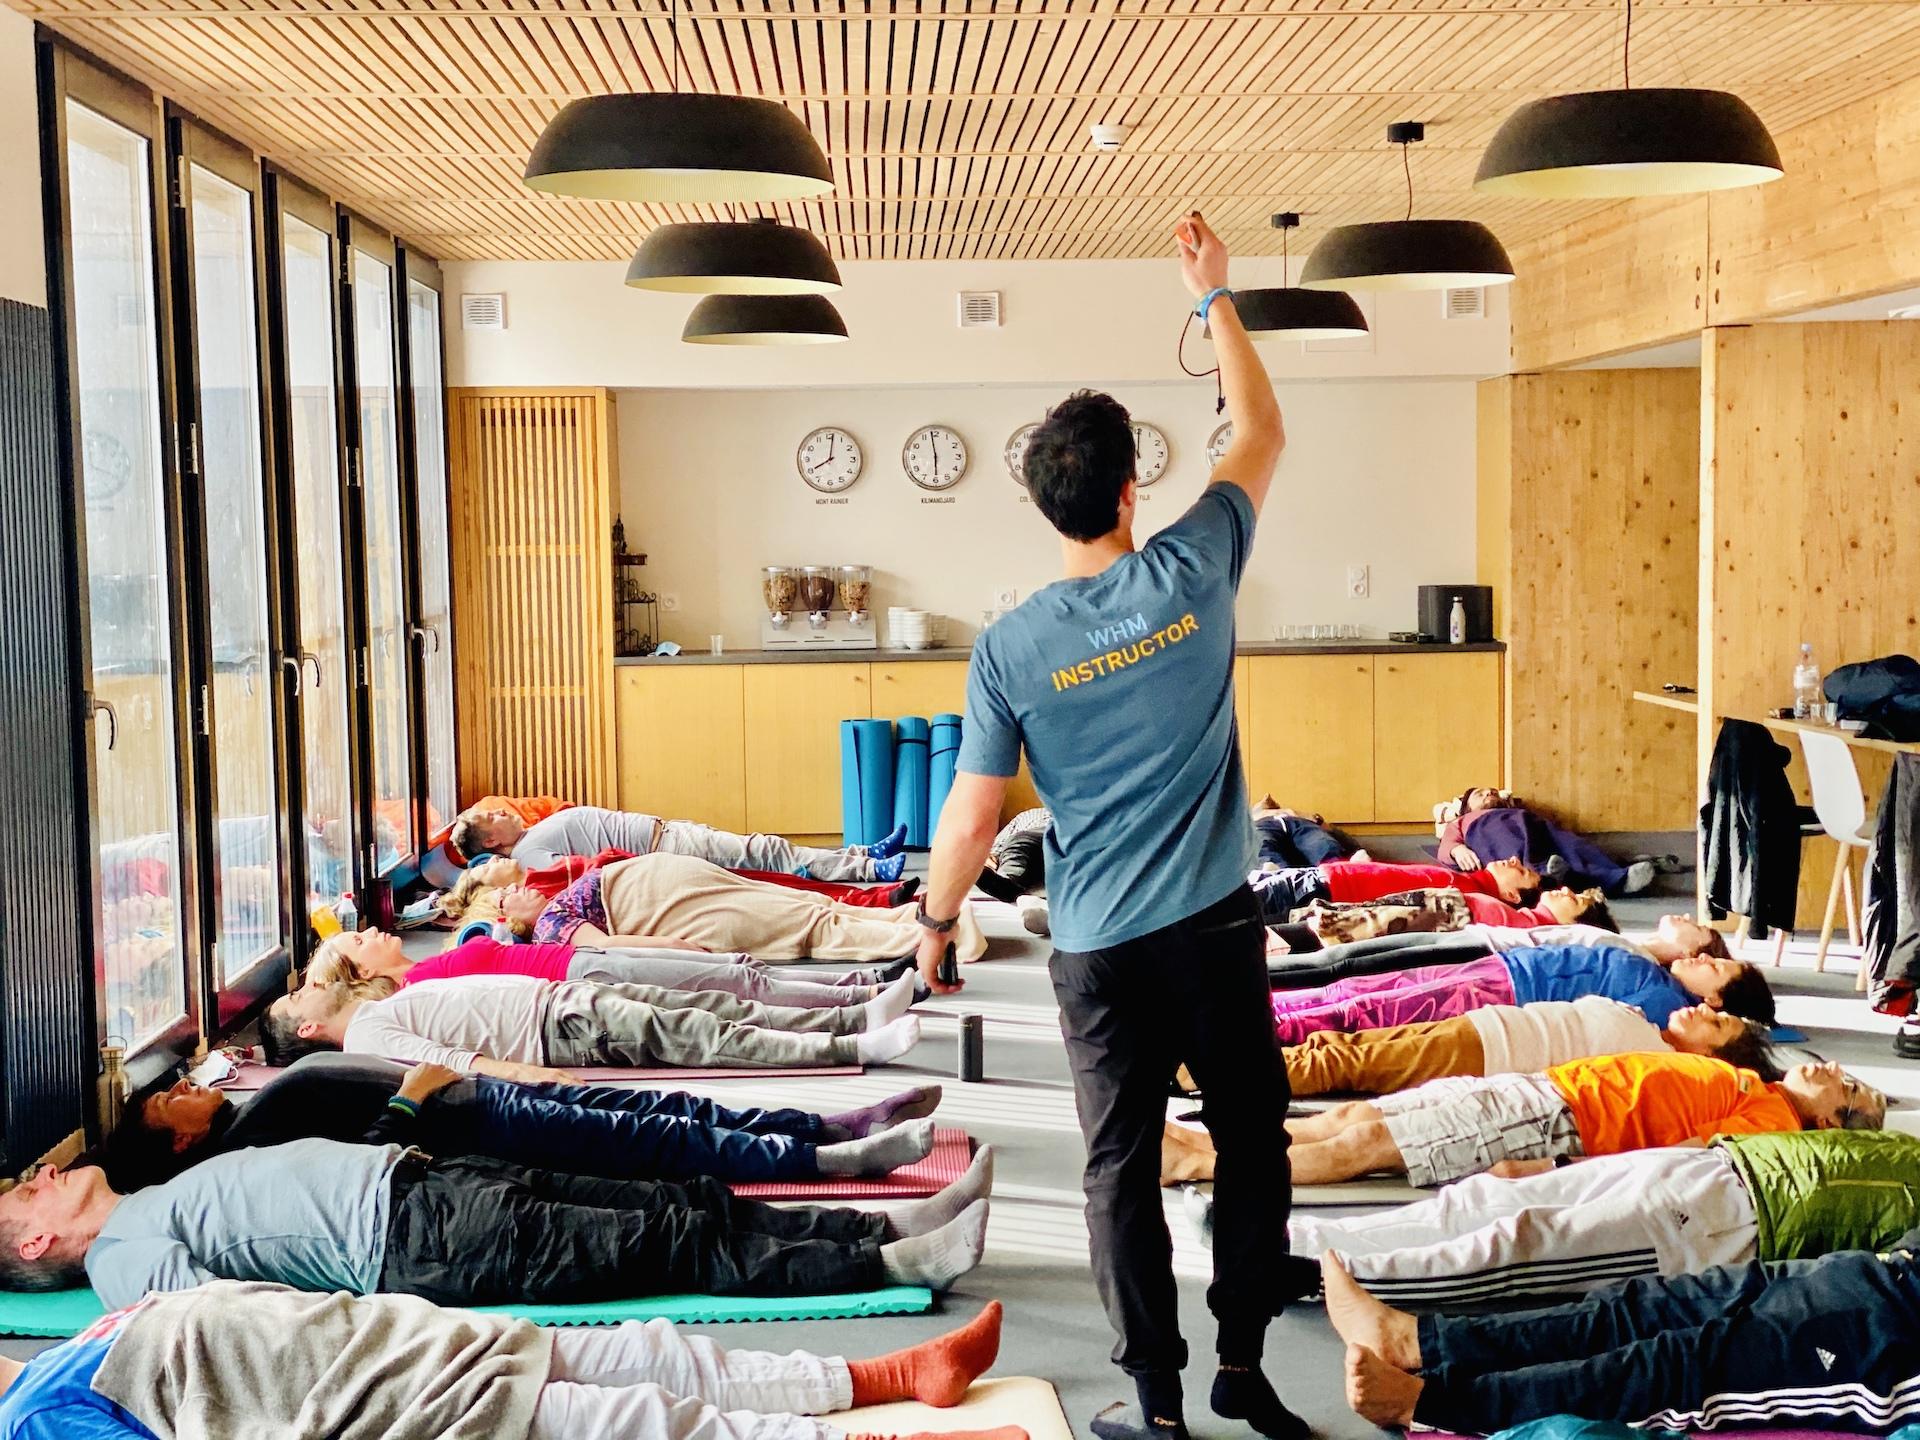 La Mutualité de la Réunion organise deux conférences gratuites pour ré-apprendre à respirer.